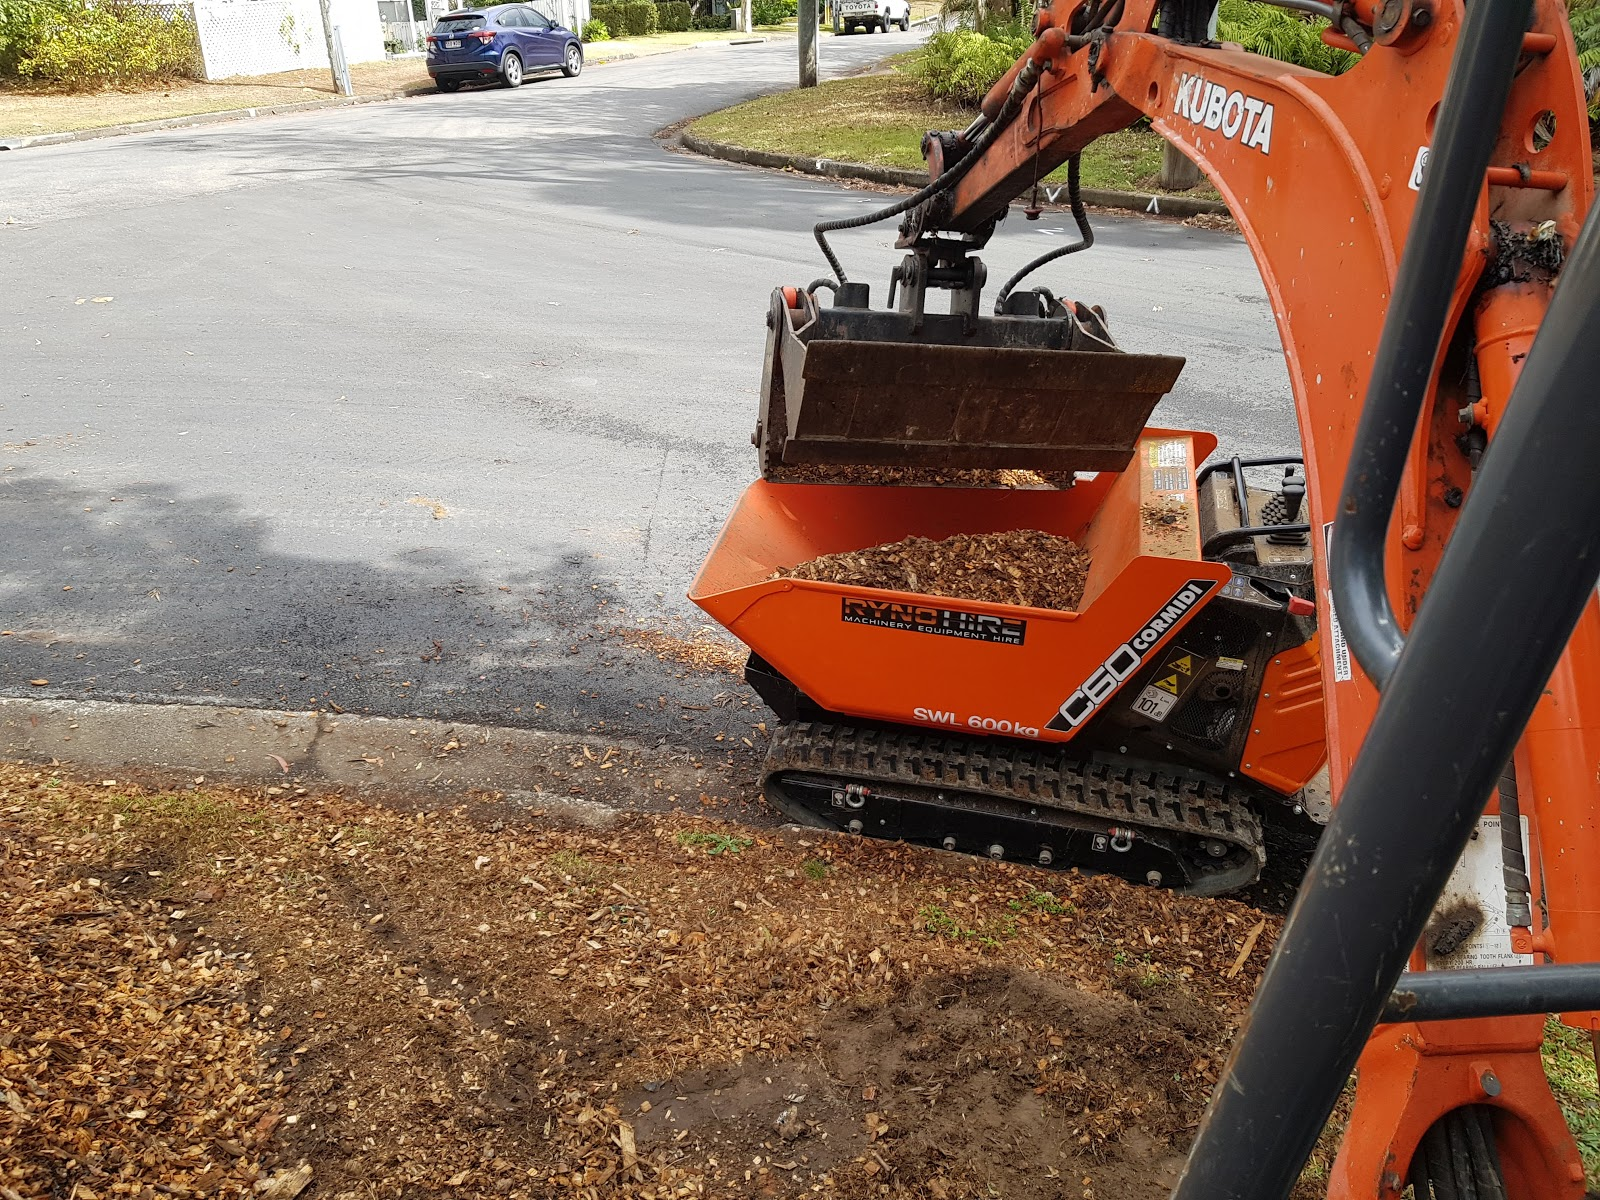 excavator and dumper combo